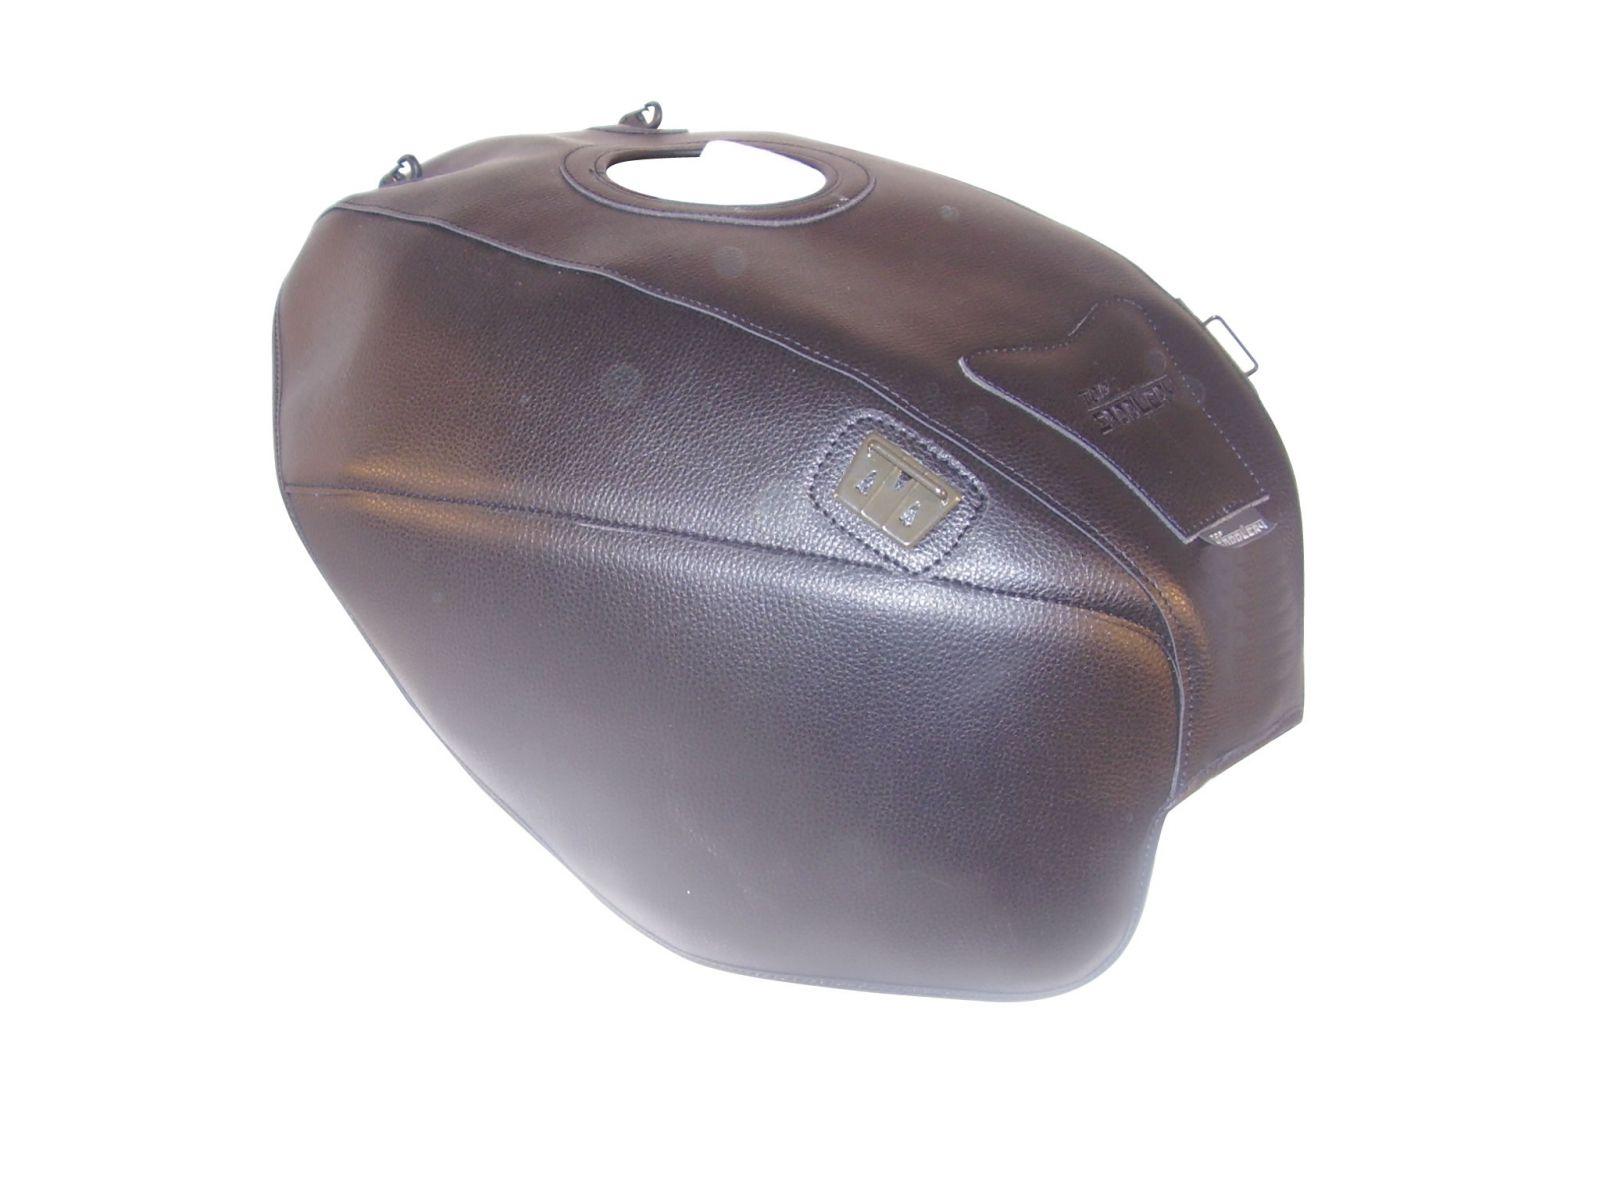 Capa de depósito TPR3883 - KAWASAKI GPZ 500 S [1995-2003]